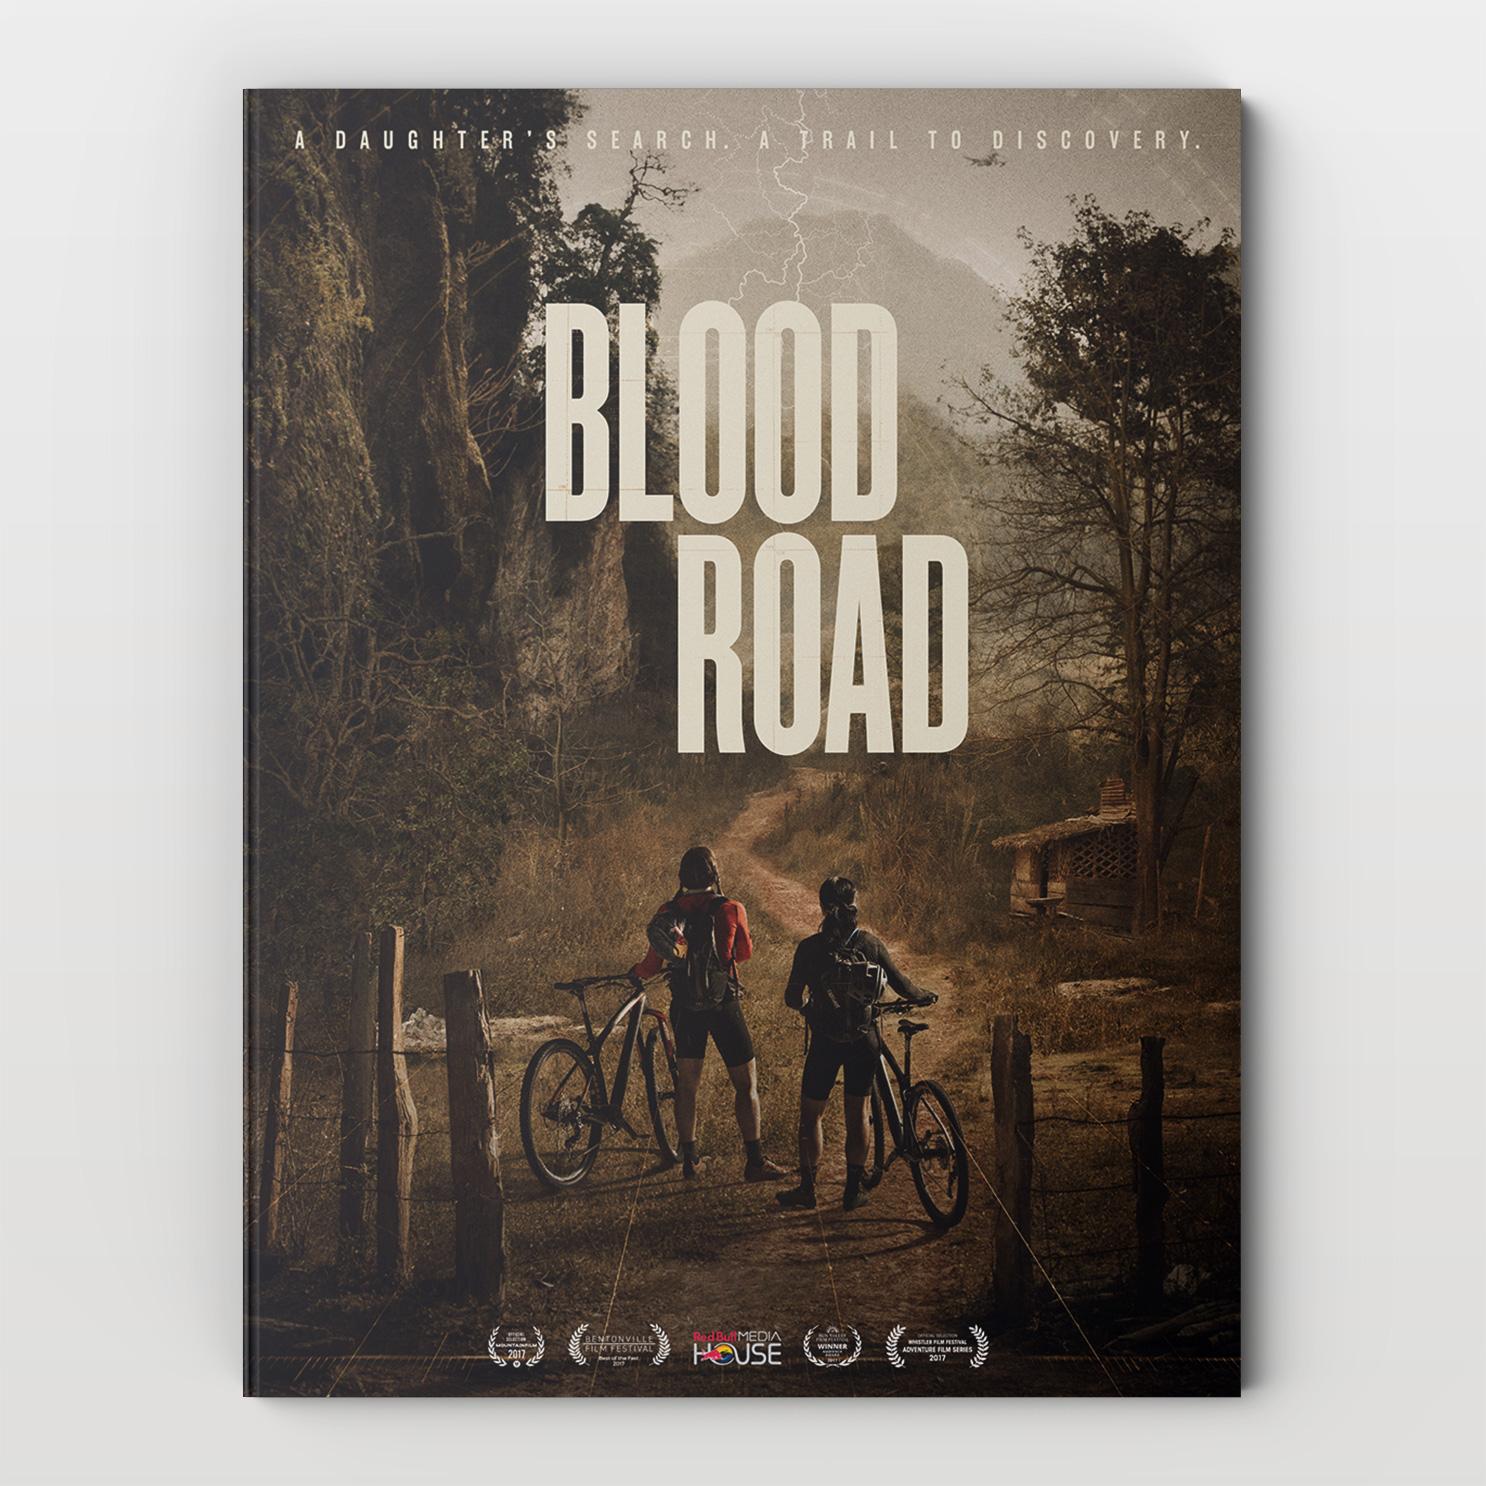 bloodroadcover.jpg